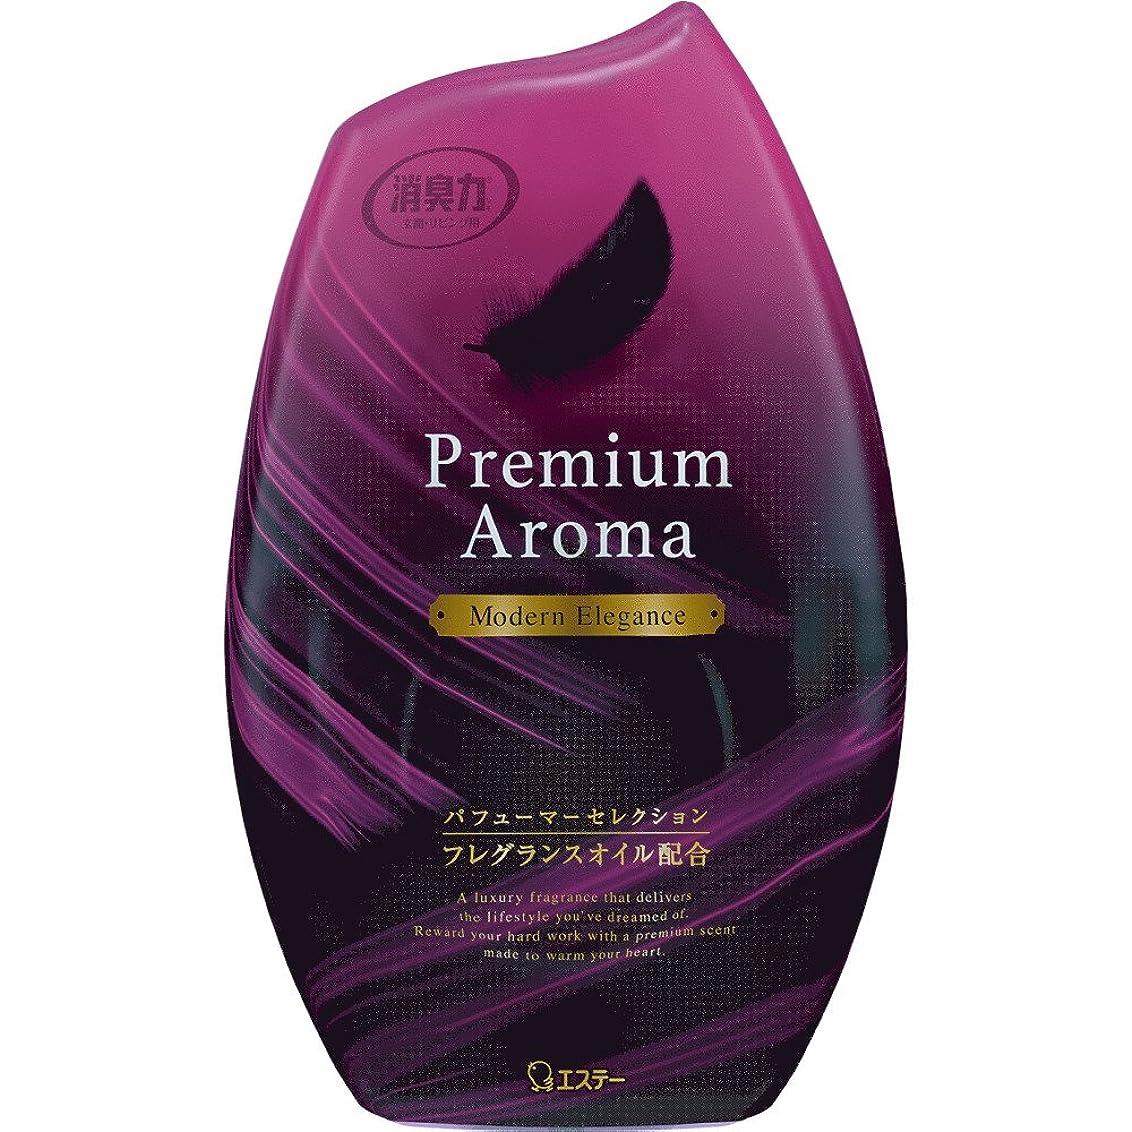 矛盾する教義おんどりお部屋の消臭力 プレミアムアロマ Premium Aroma 消臭芳香剤 部屋用 部屋 モダンエレガンスの香り 400ml